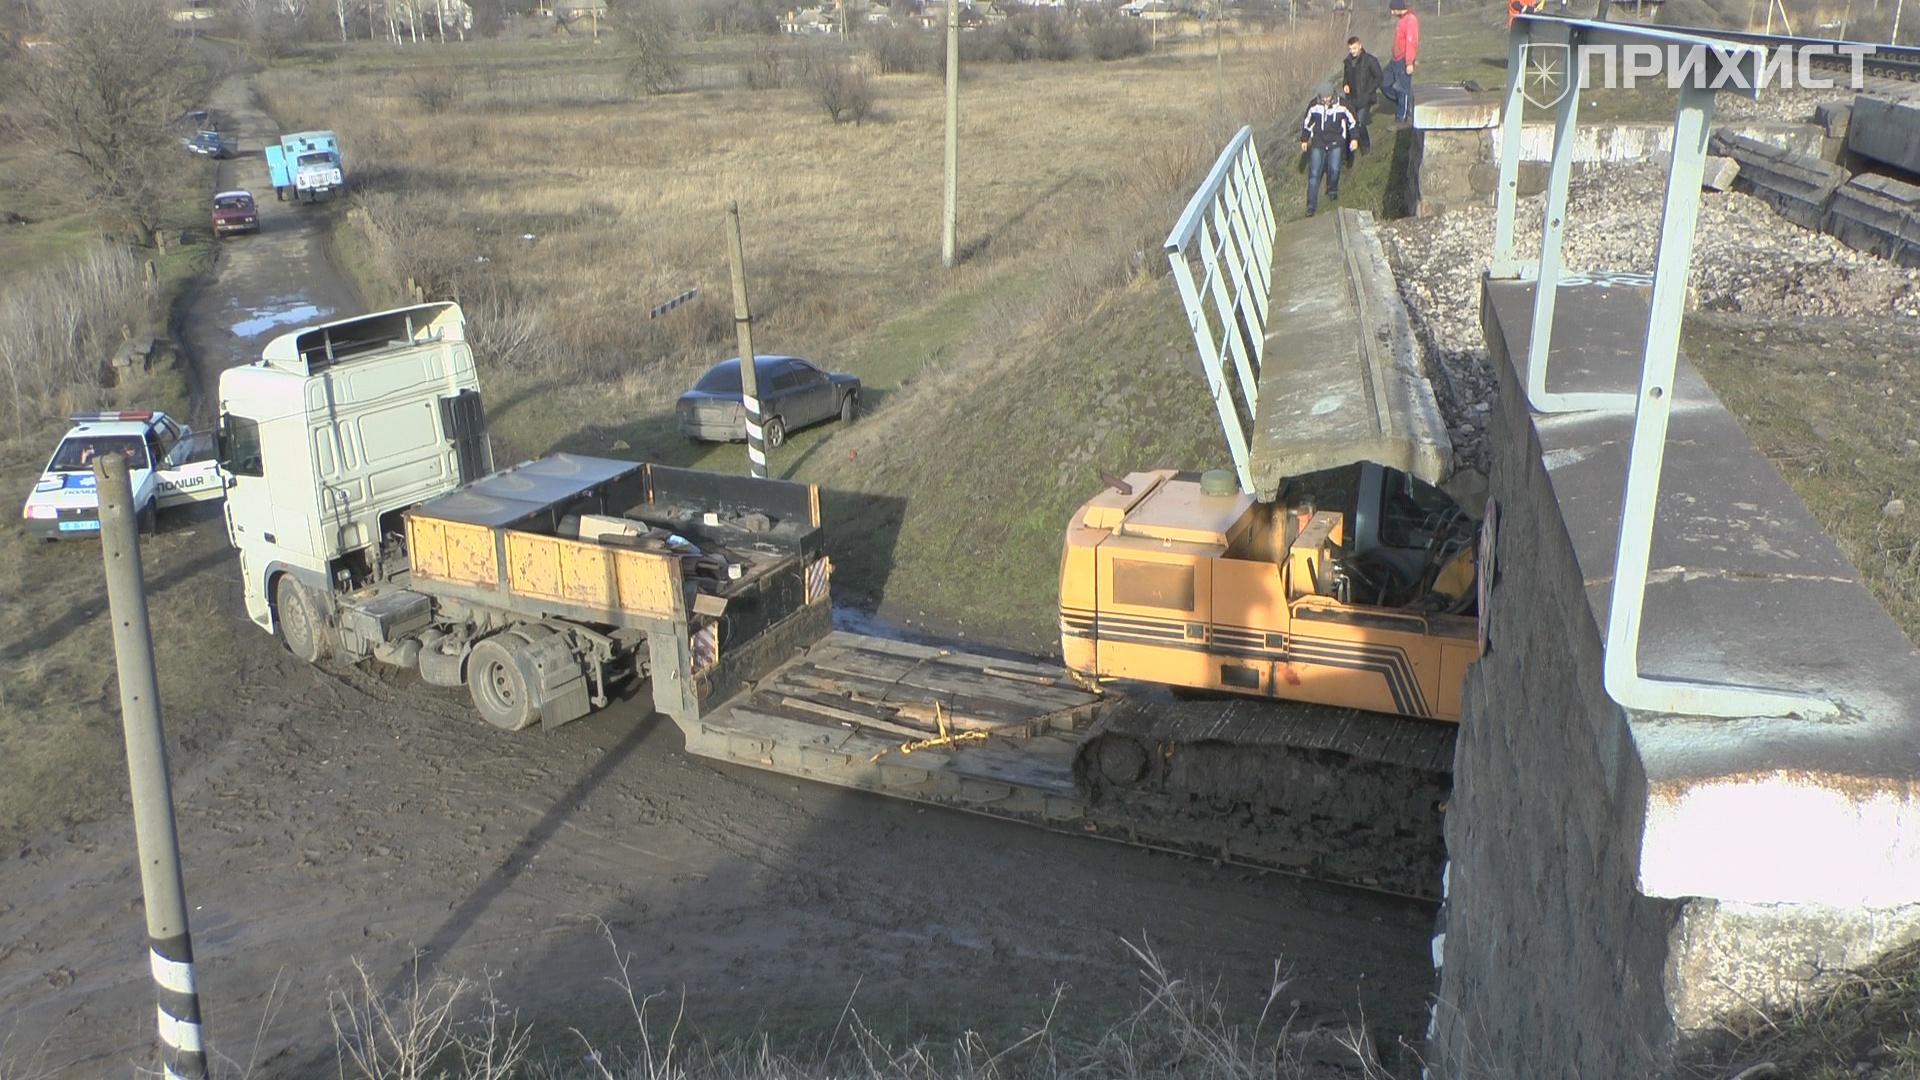 Тягач едва не снёс железнодорожный мост под Никополем | Прихист